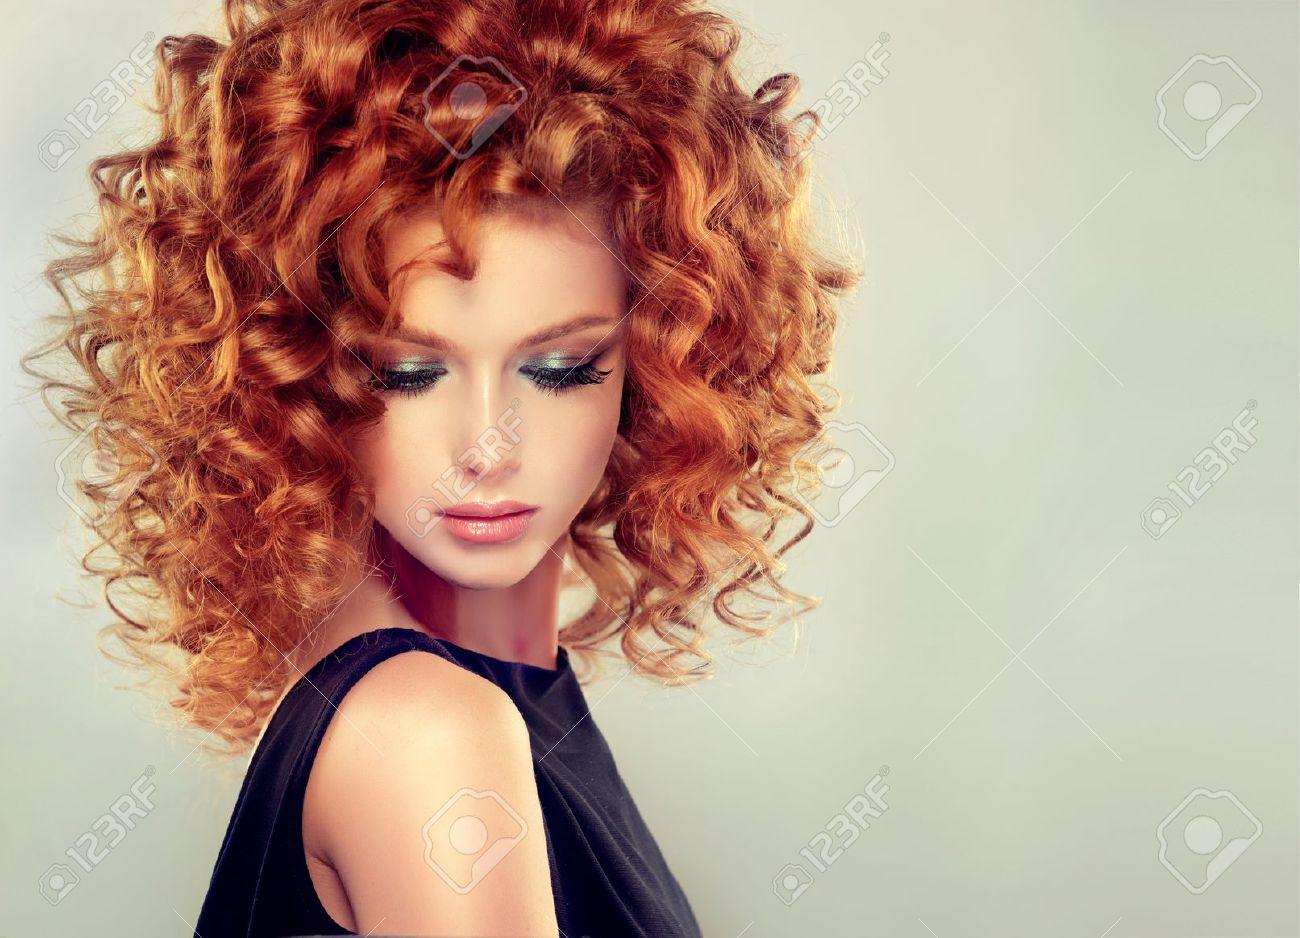 jolie rouge fille aux cheveux bouclés et avec coiffure maquillage élégant  up. portrait gros plan.